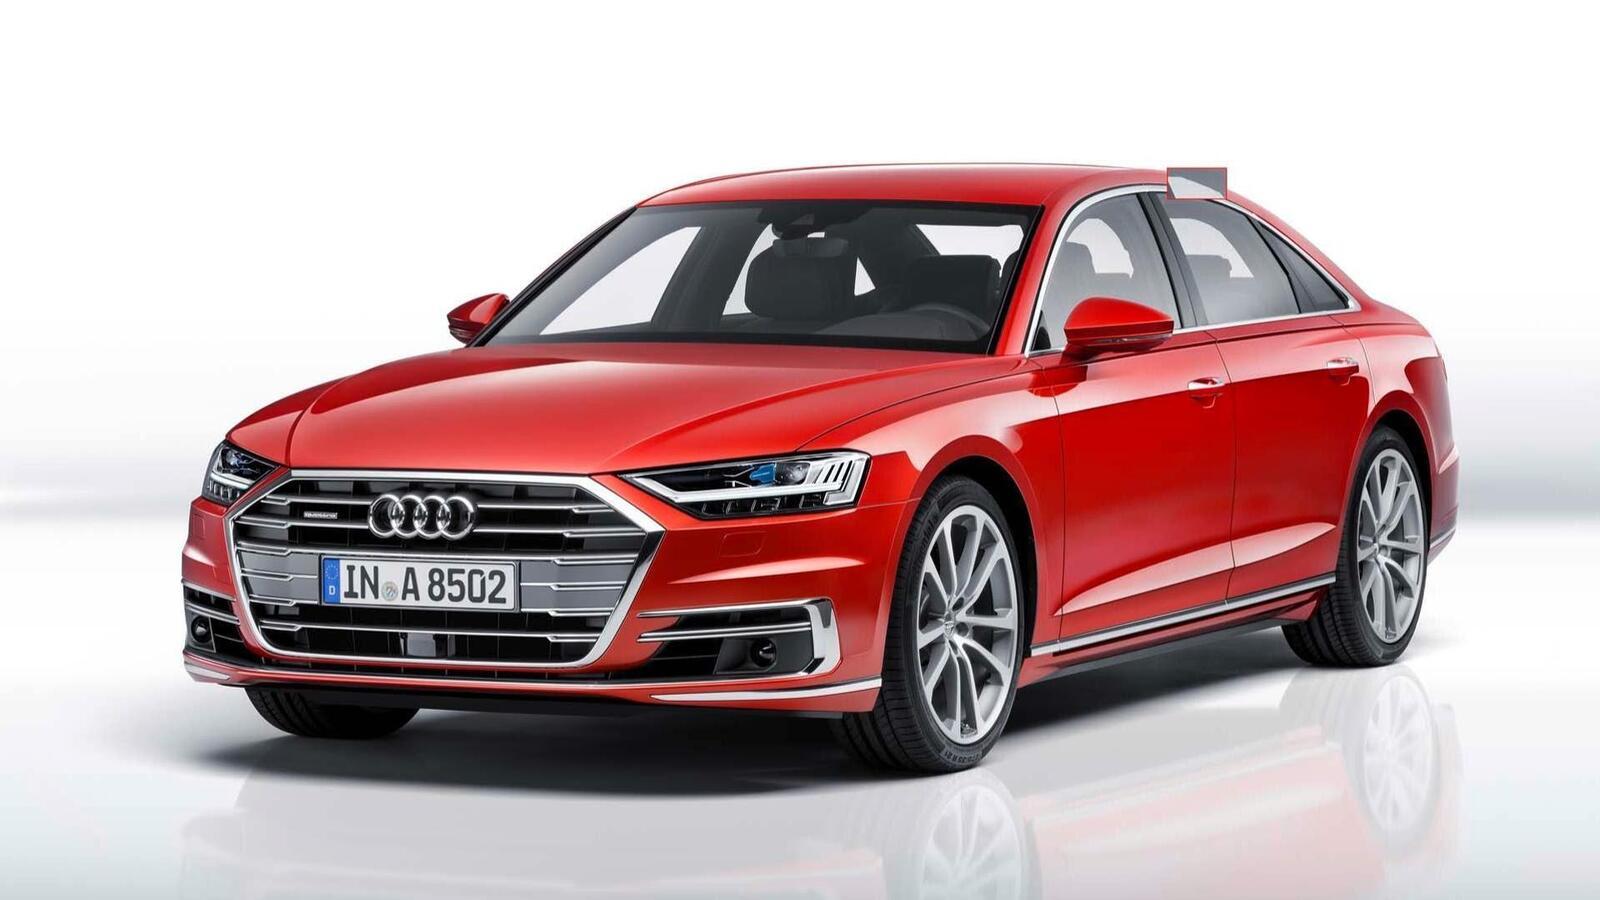 Audi thêm một số trang bị cho A8 2018 - Hình 21